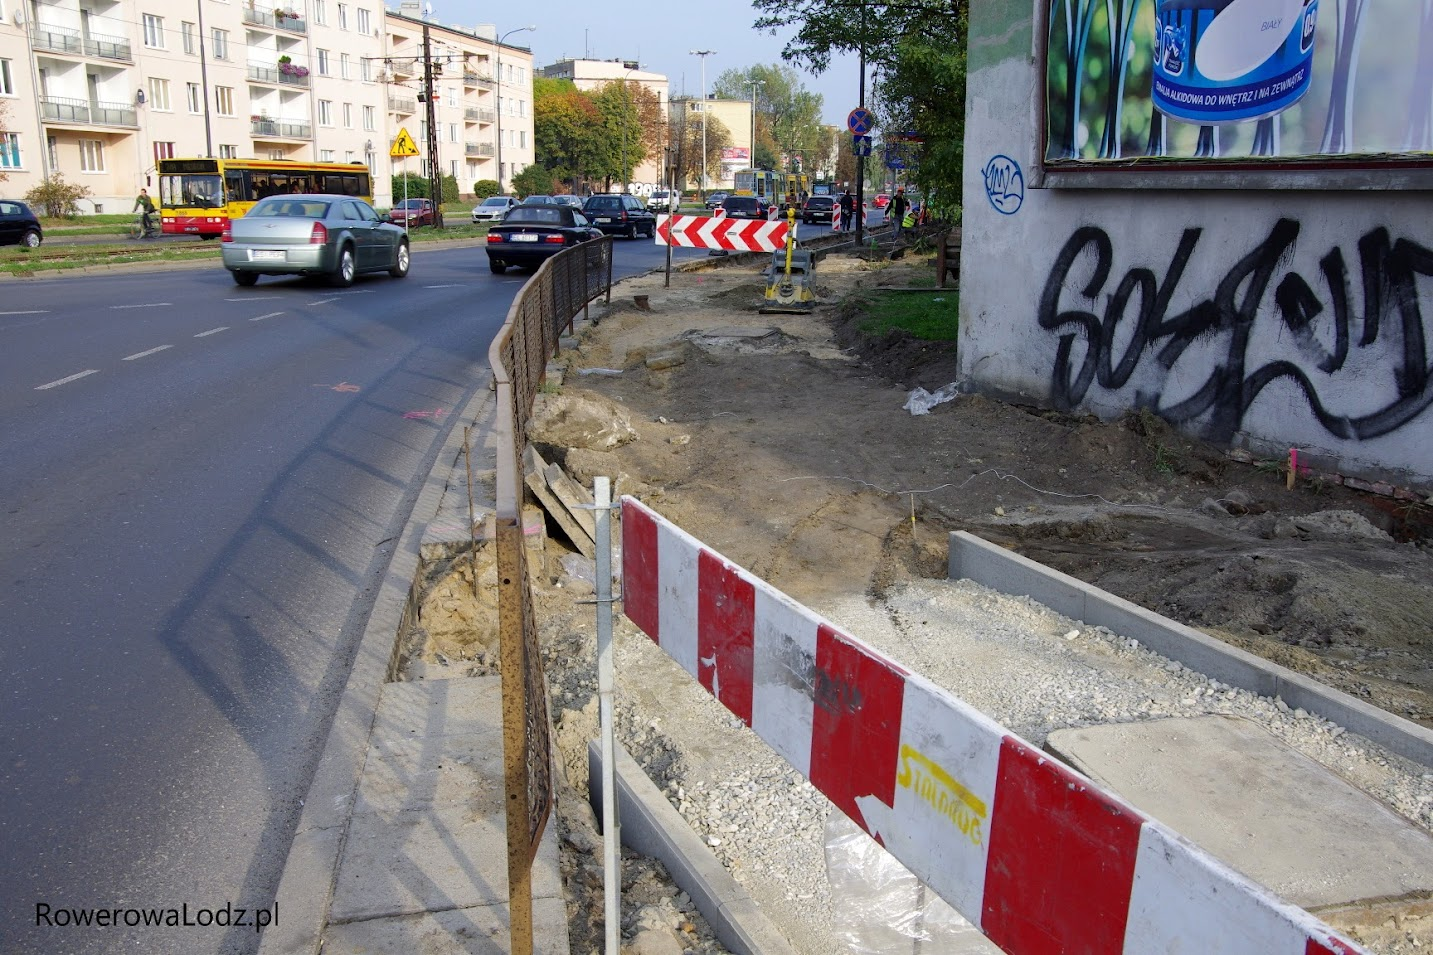 Martwiliśmy się o to wąskie gardło, ale markery na asfalcie wskazują jak będzie szła nowa droga dla rowerów